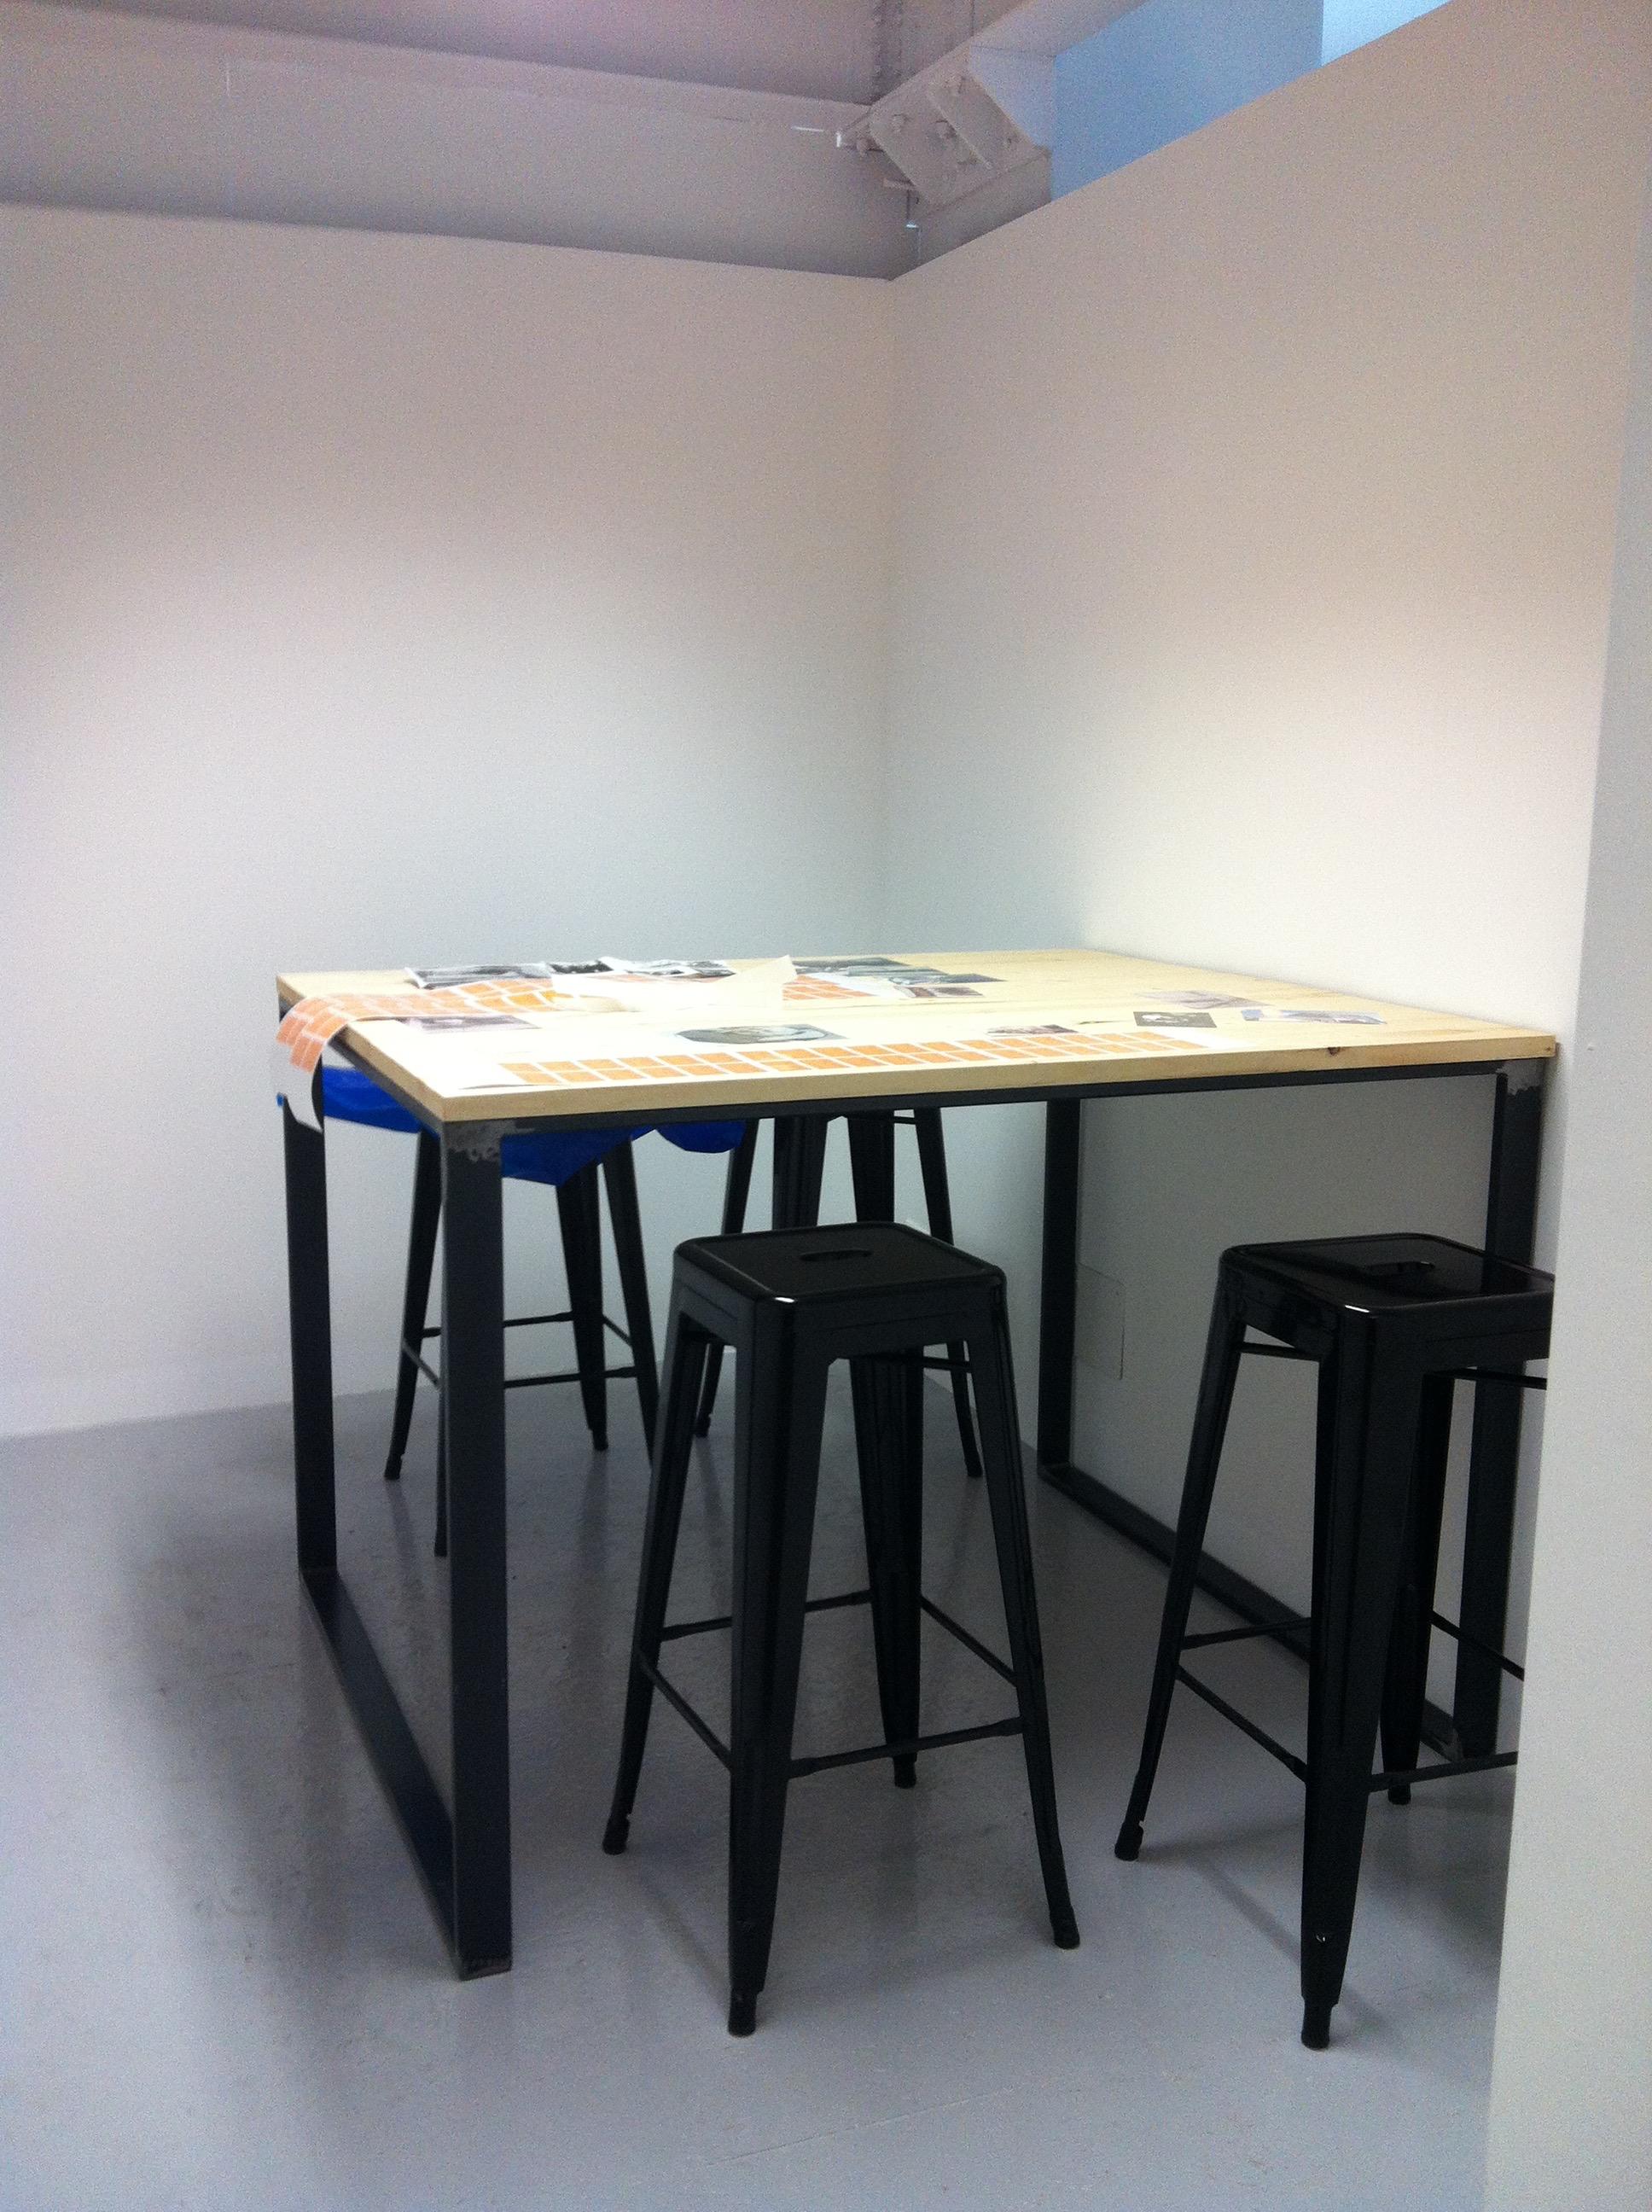 Hub / Spoke small meeting room